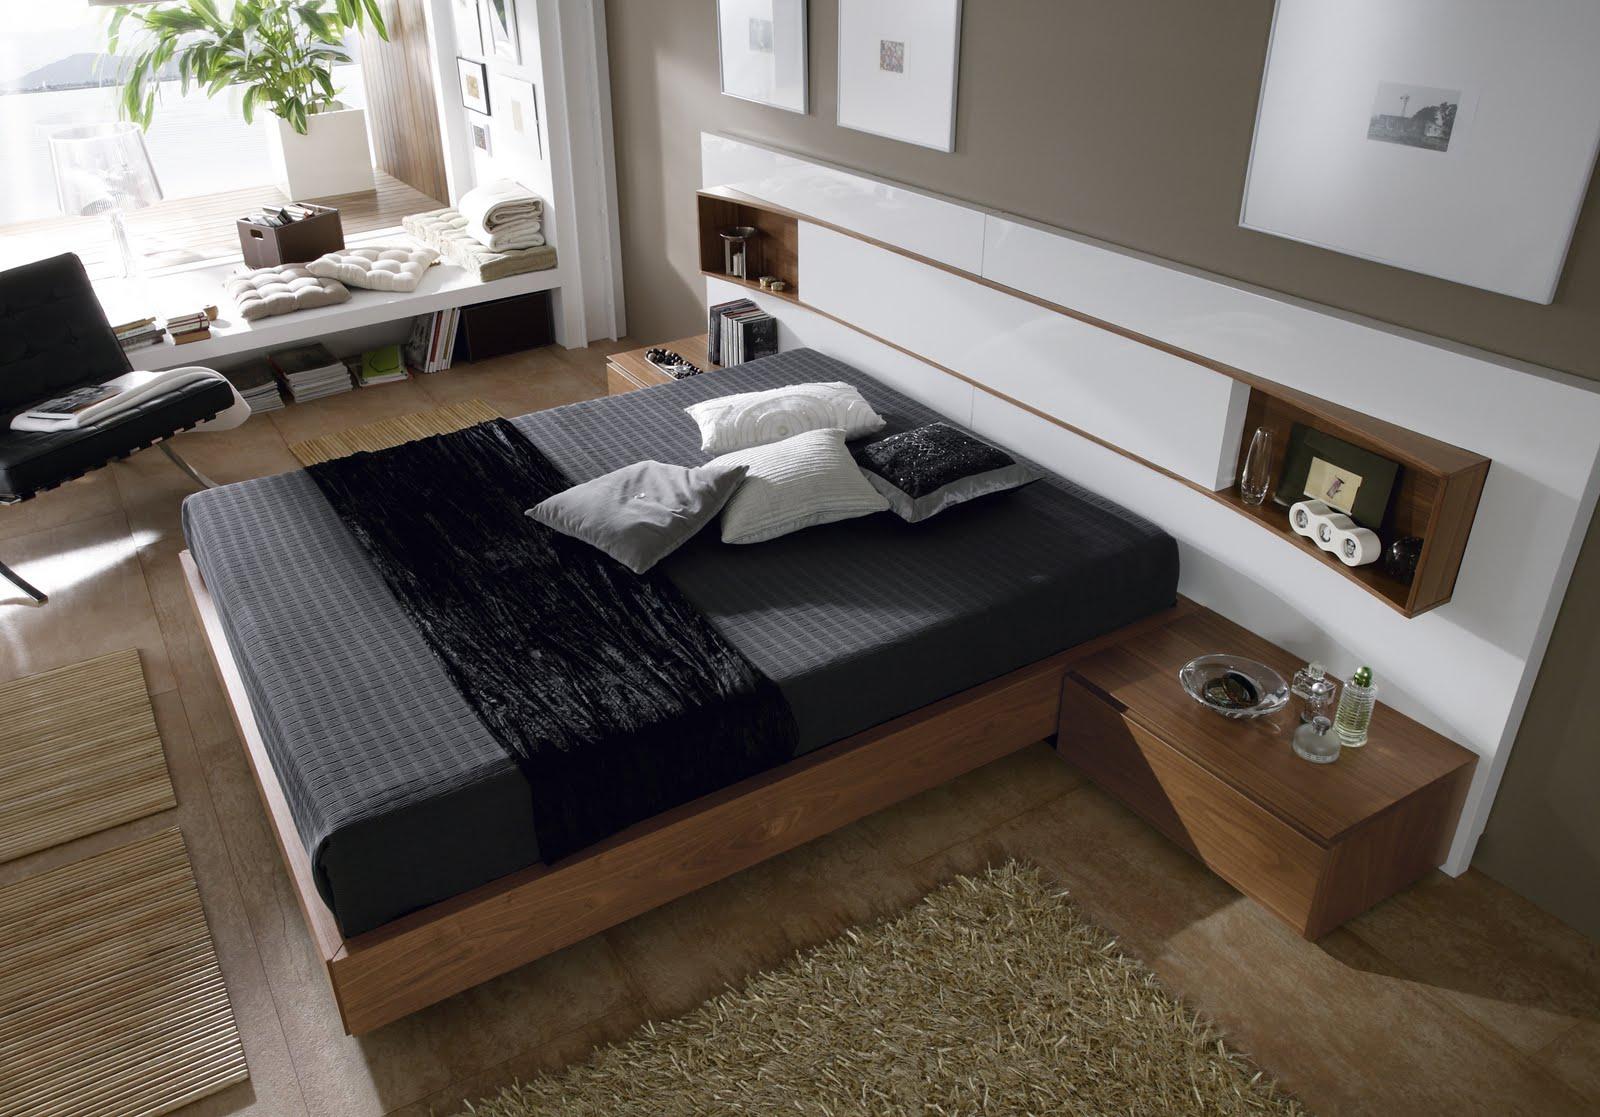 Dormitorios de matrimonio living - Muebles garcia sabate ...